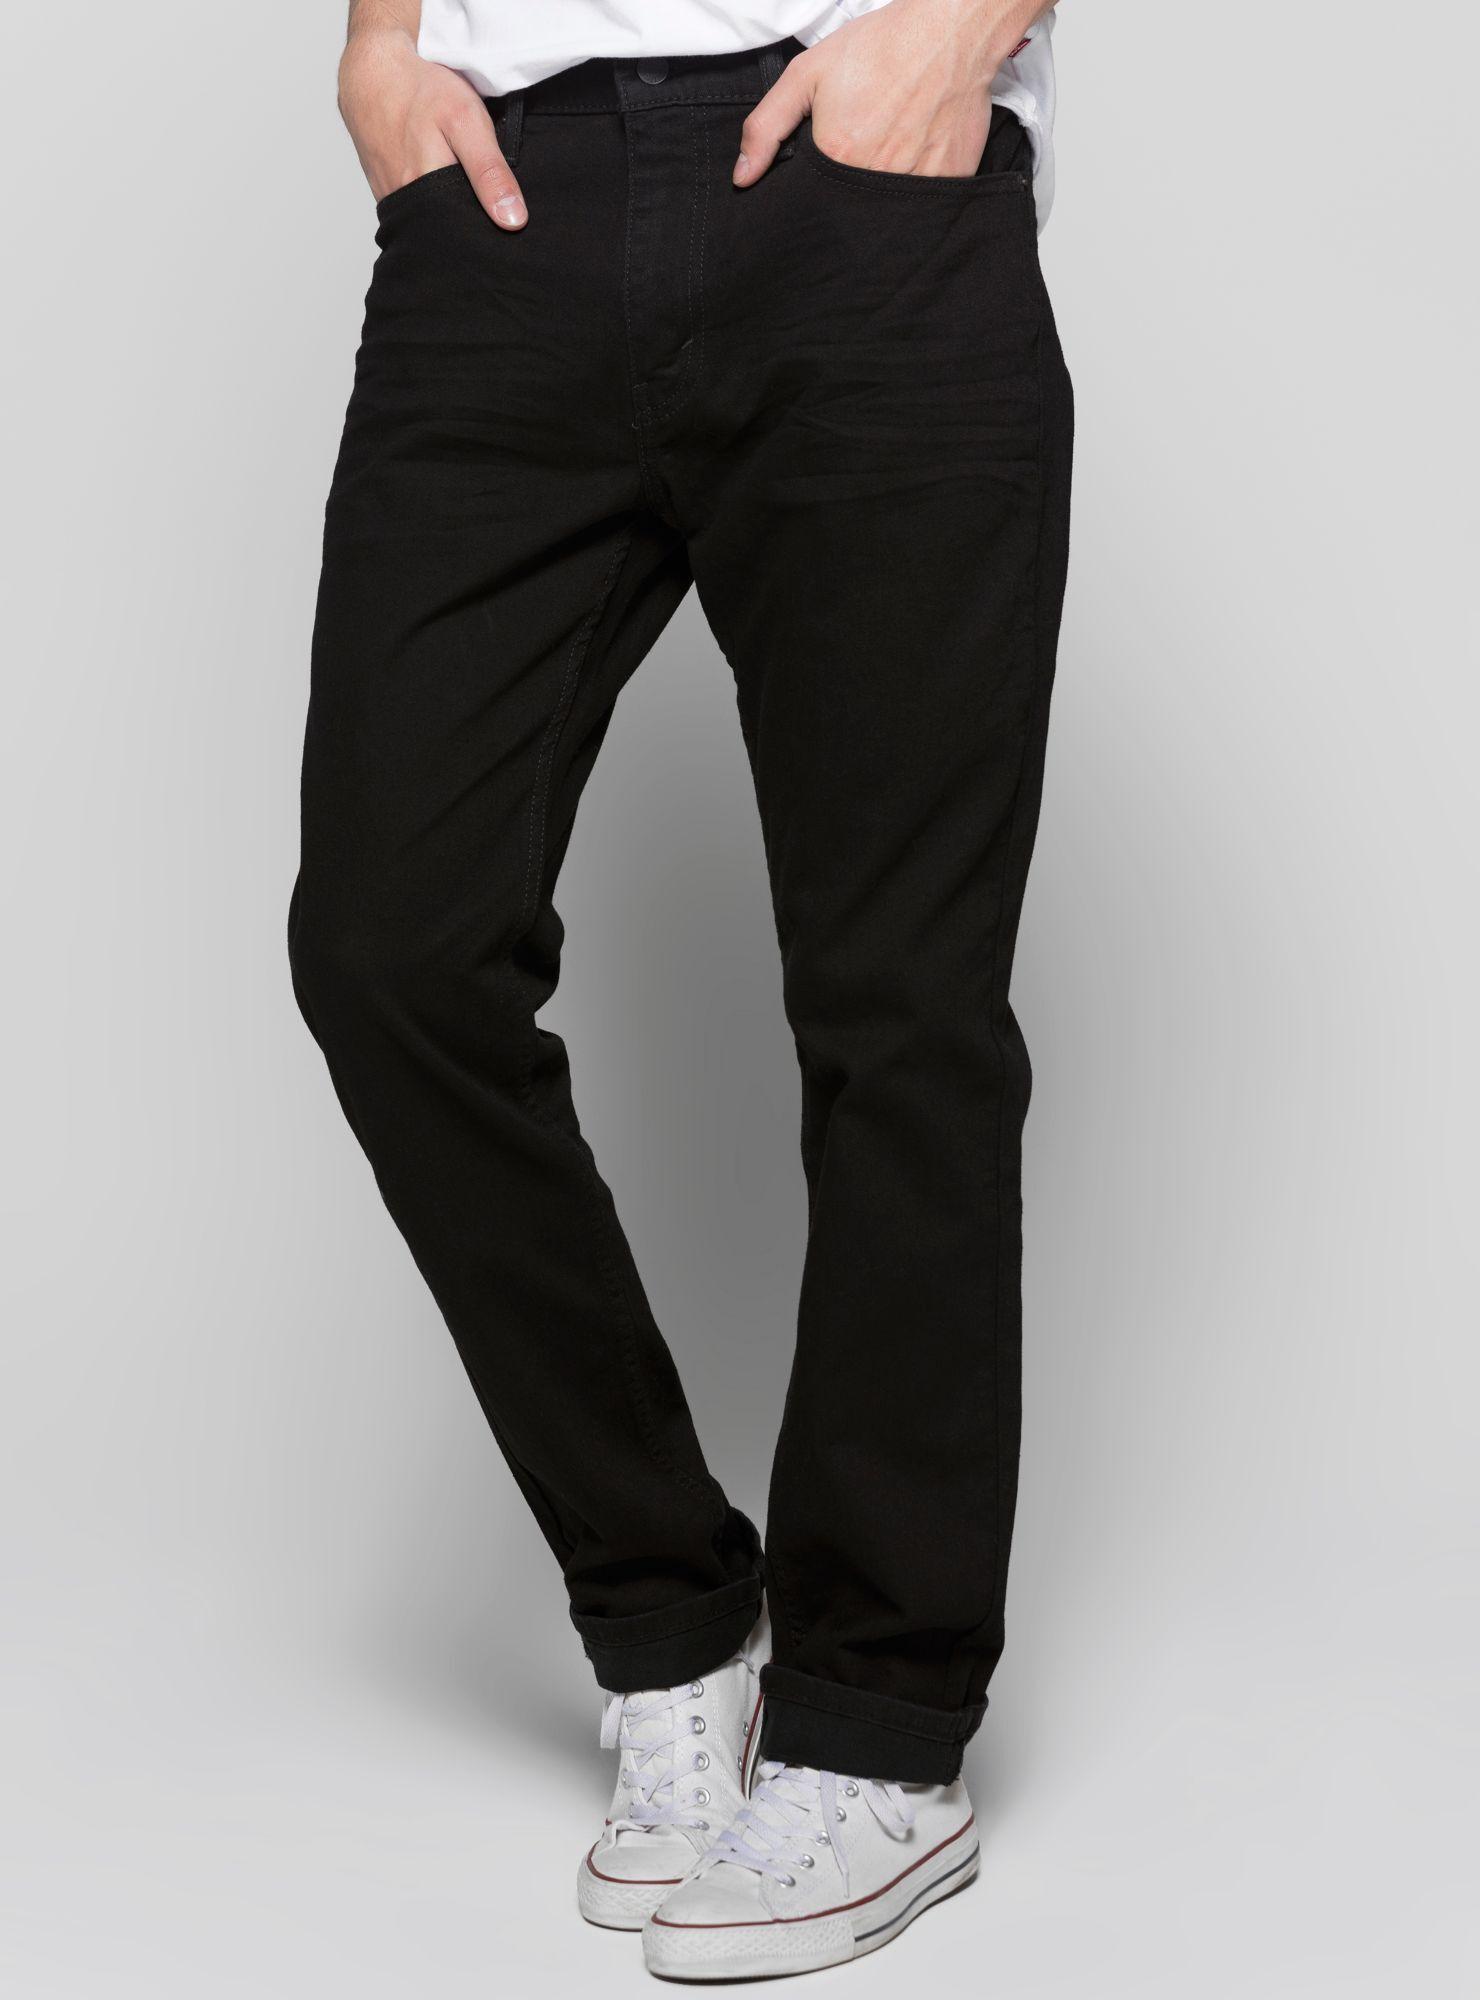 sito affidabile 05348 da9d4 Jeans Slim Fit Negro Levi's